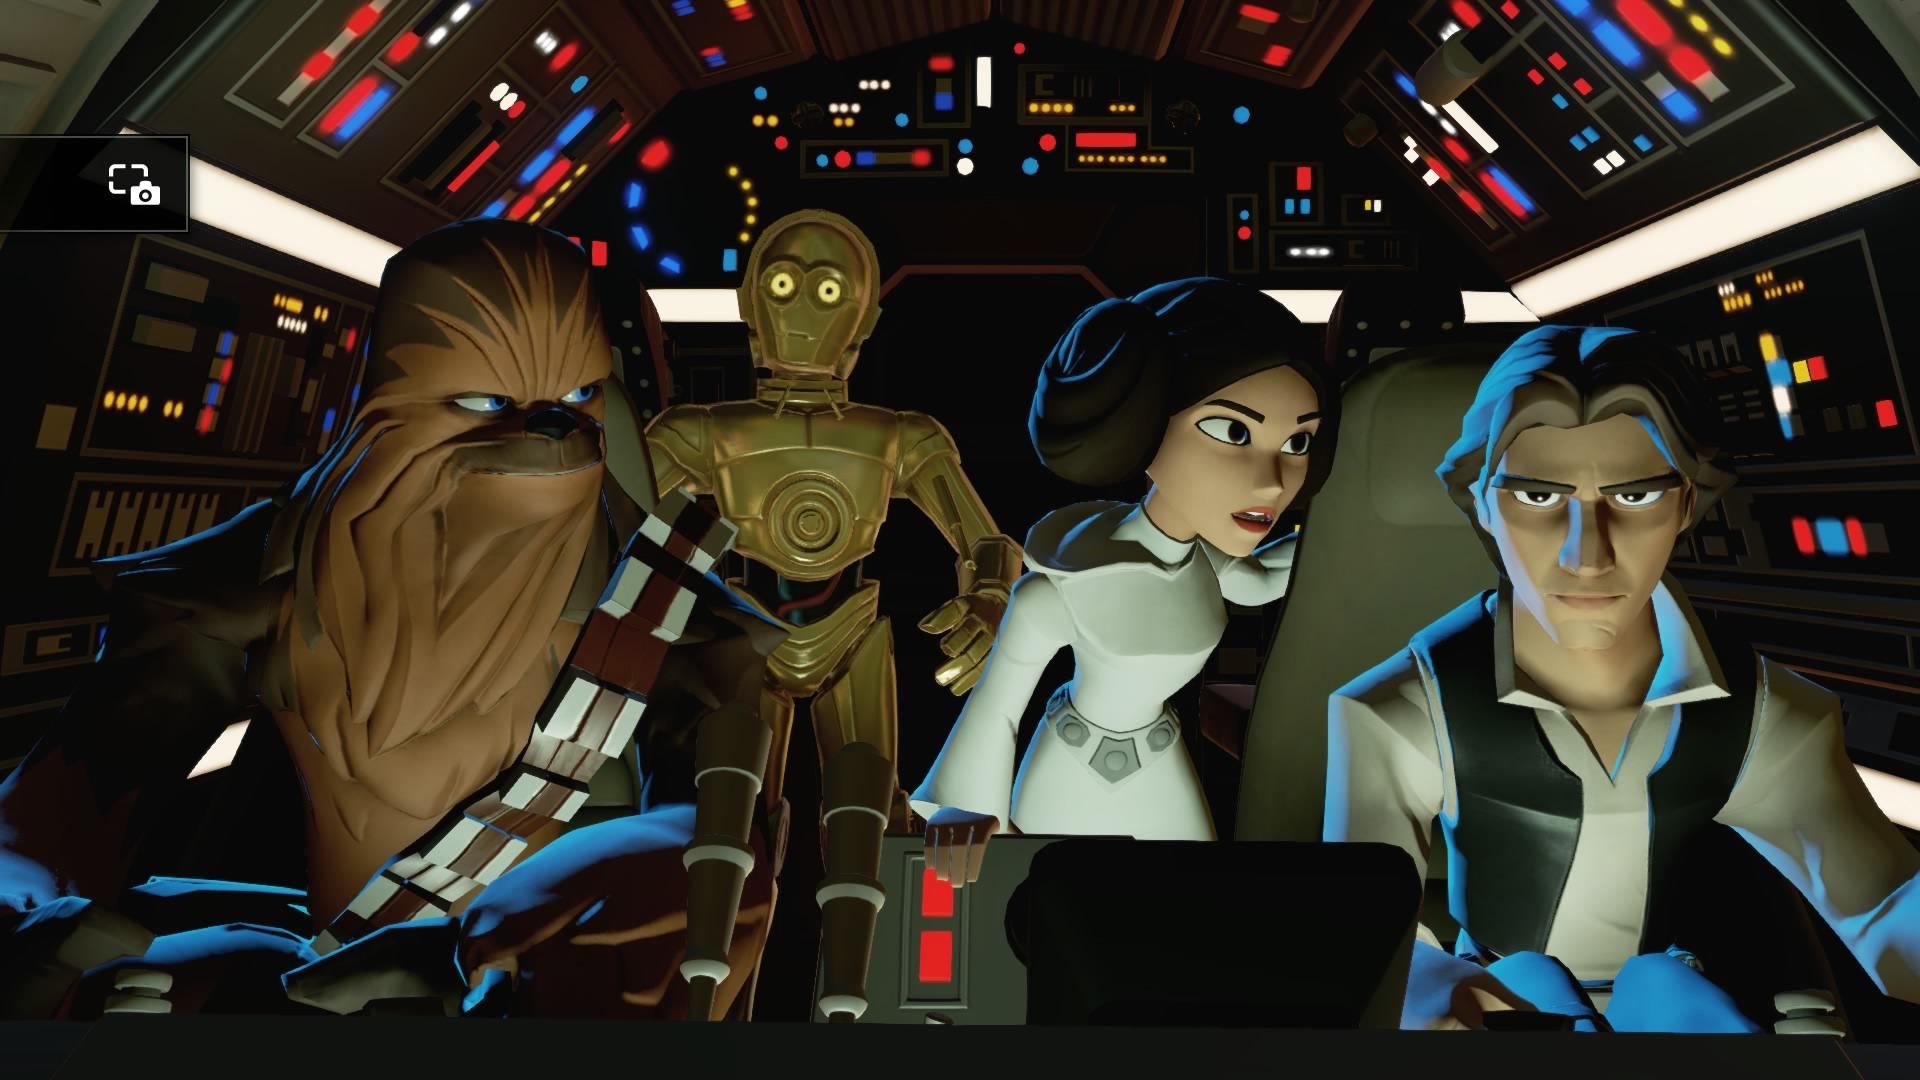 Der Comiclook passt ausgezeichnet und die Charaktere sehen sowohl als Figur als auch auf dem Bildschirm klasse aus.